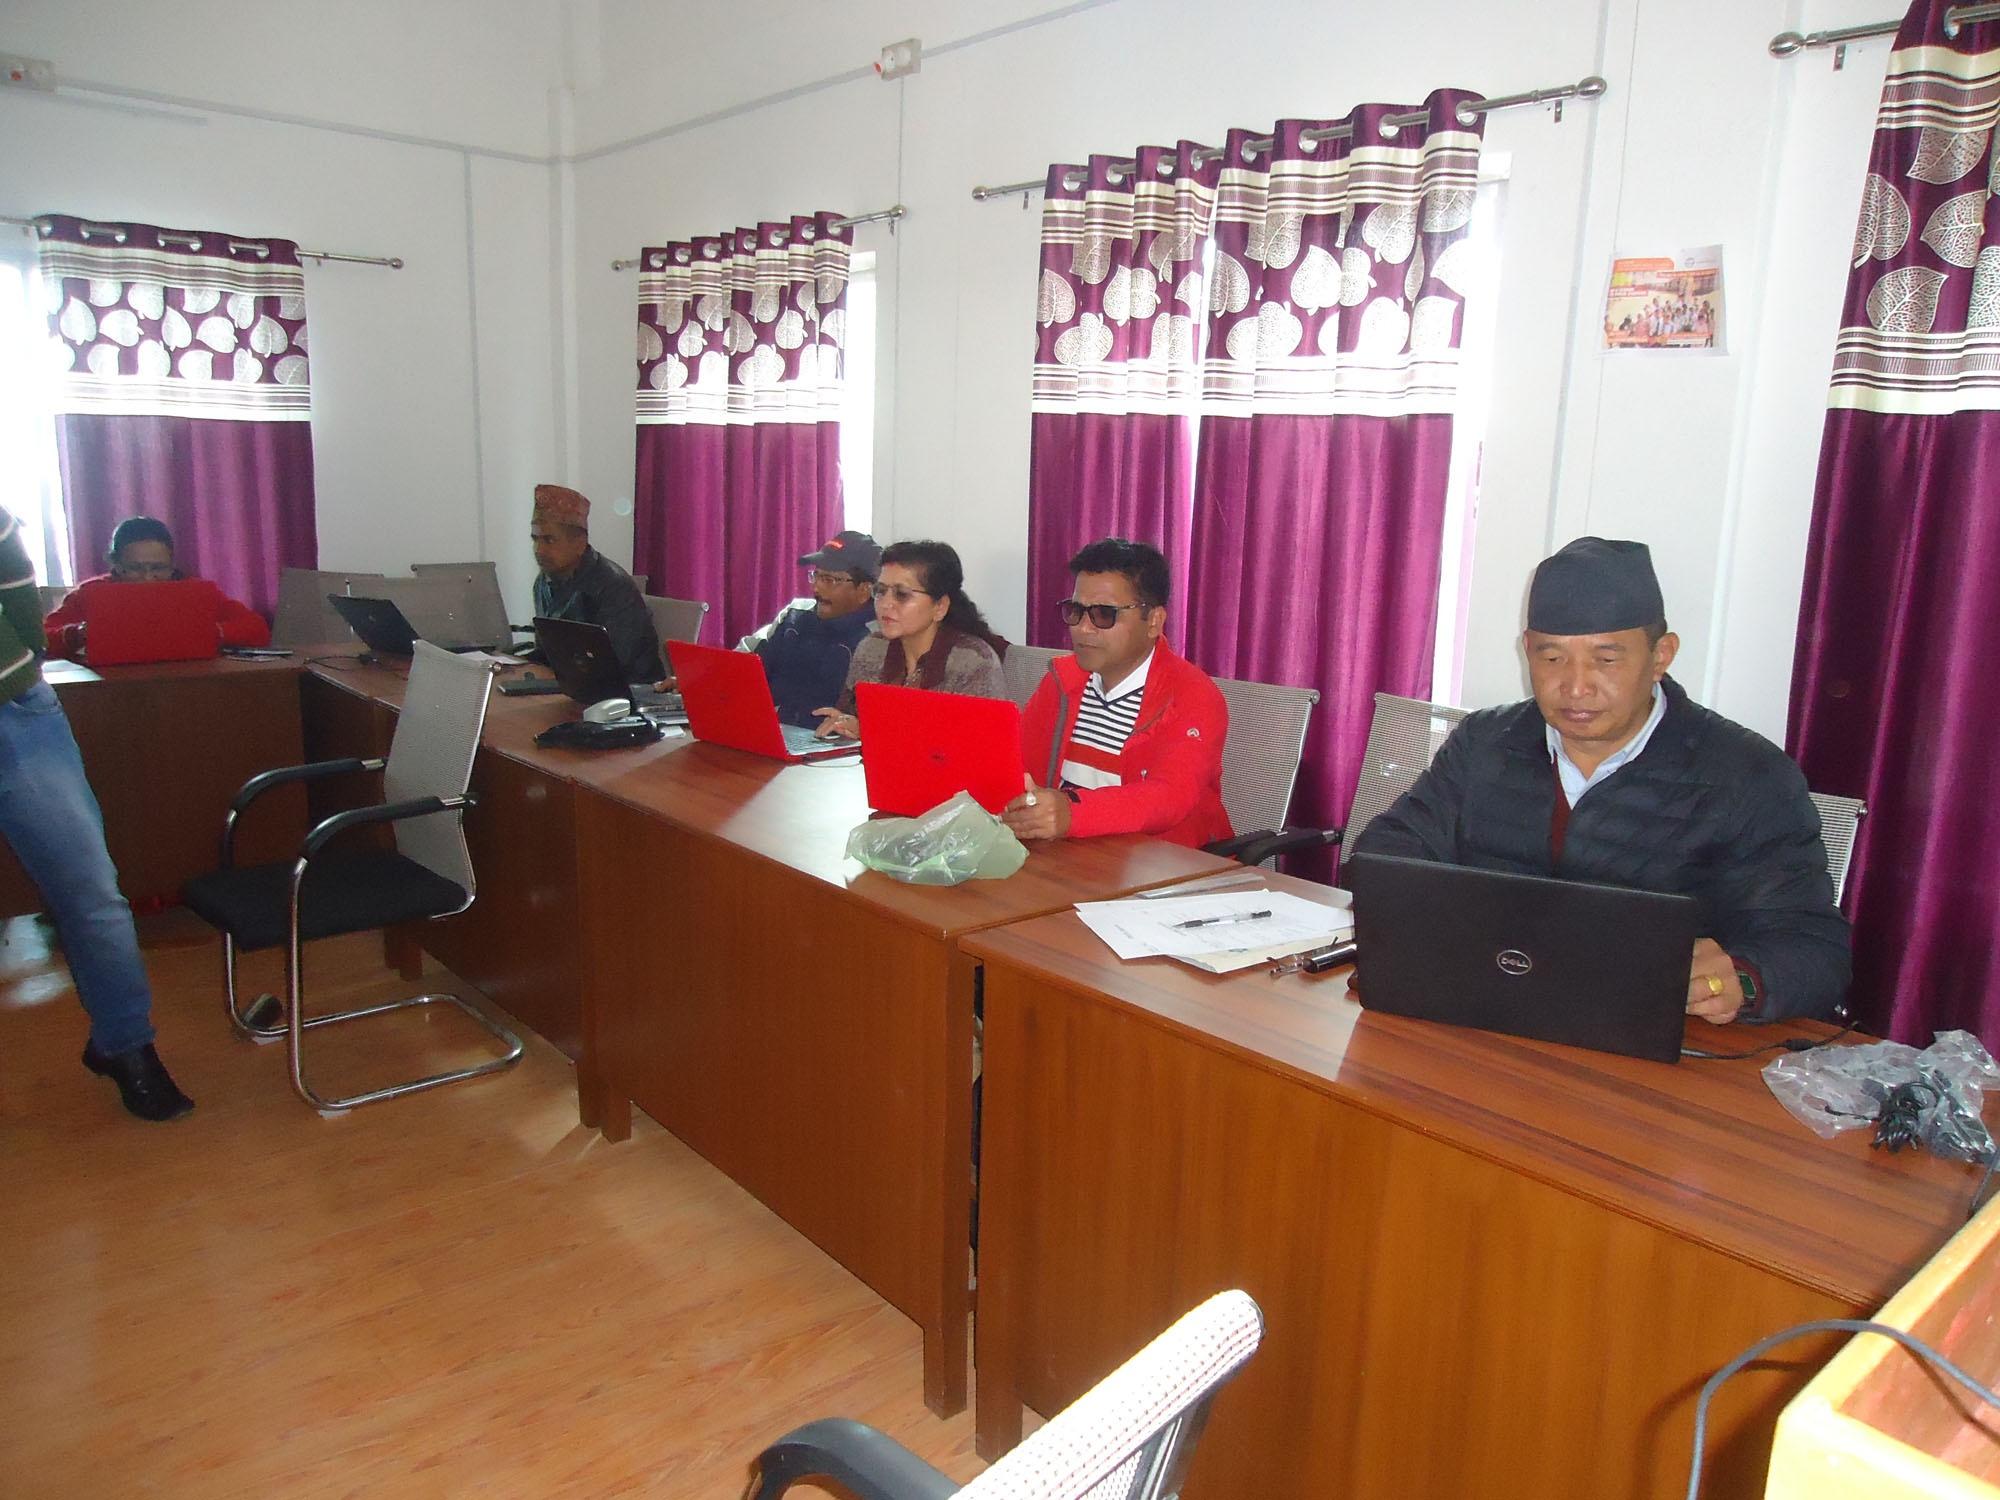 ICT EMIS सम्बन्धी अनुशिक्षण कार्यक्रम सम्पन्न